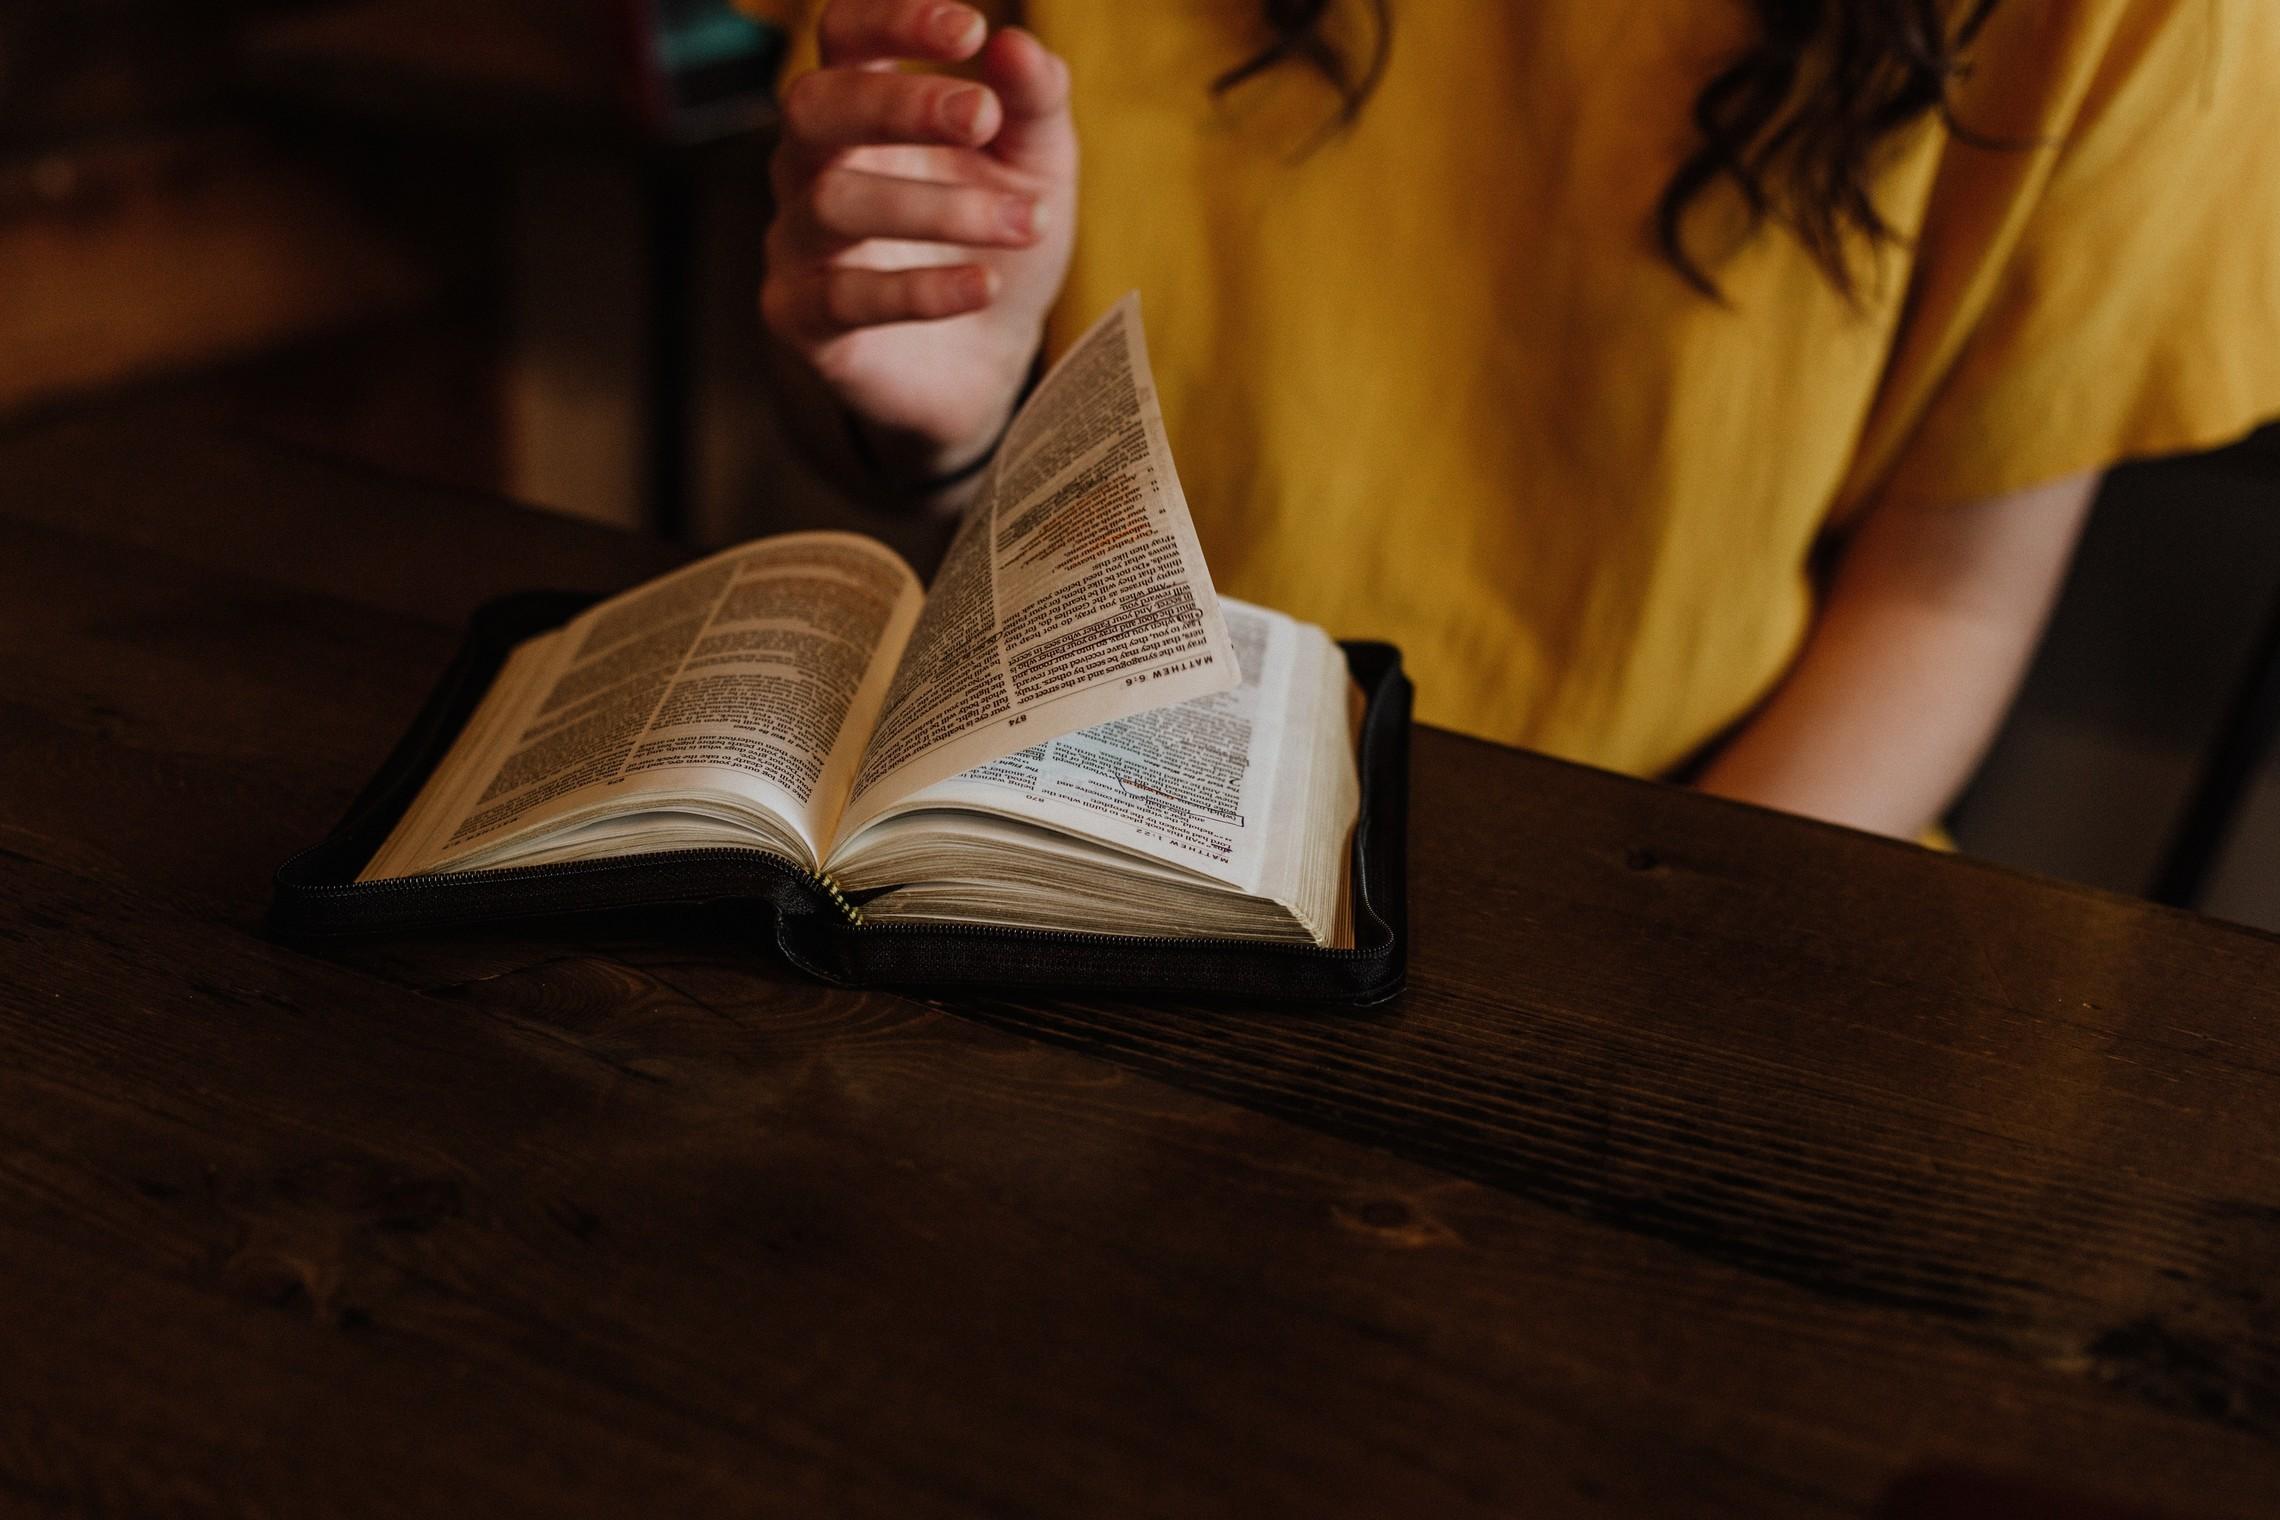 Prison bible study